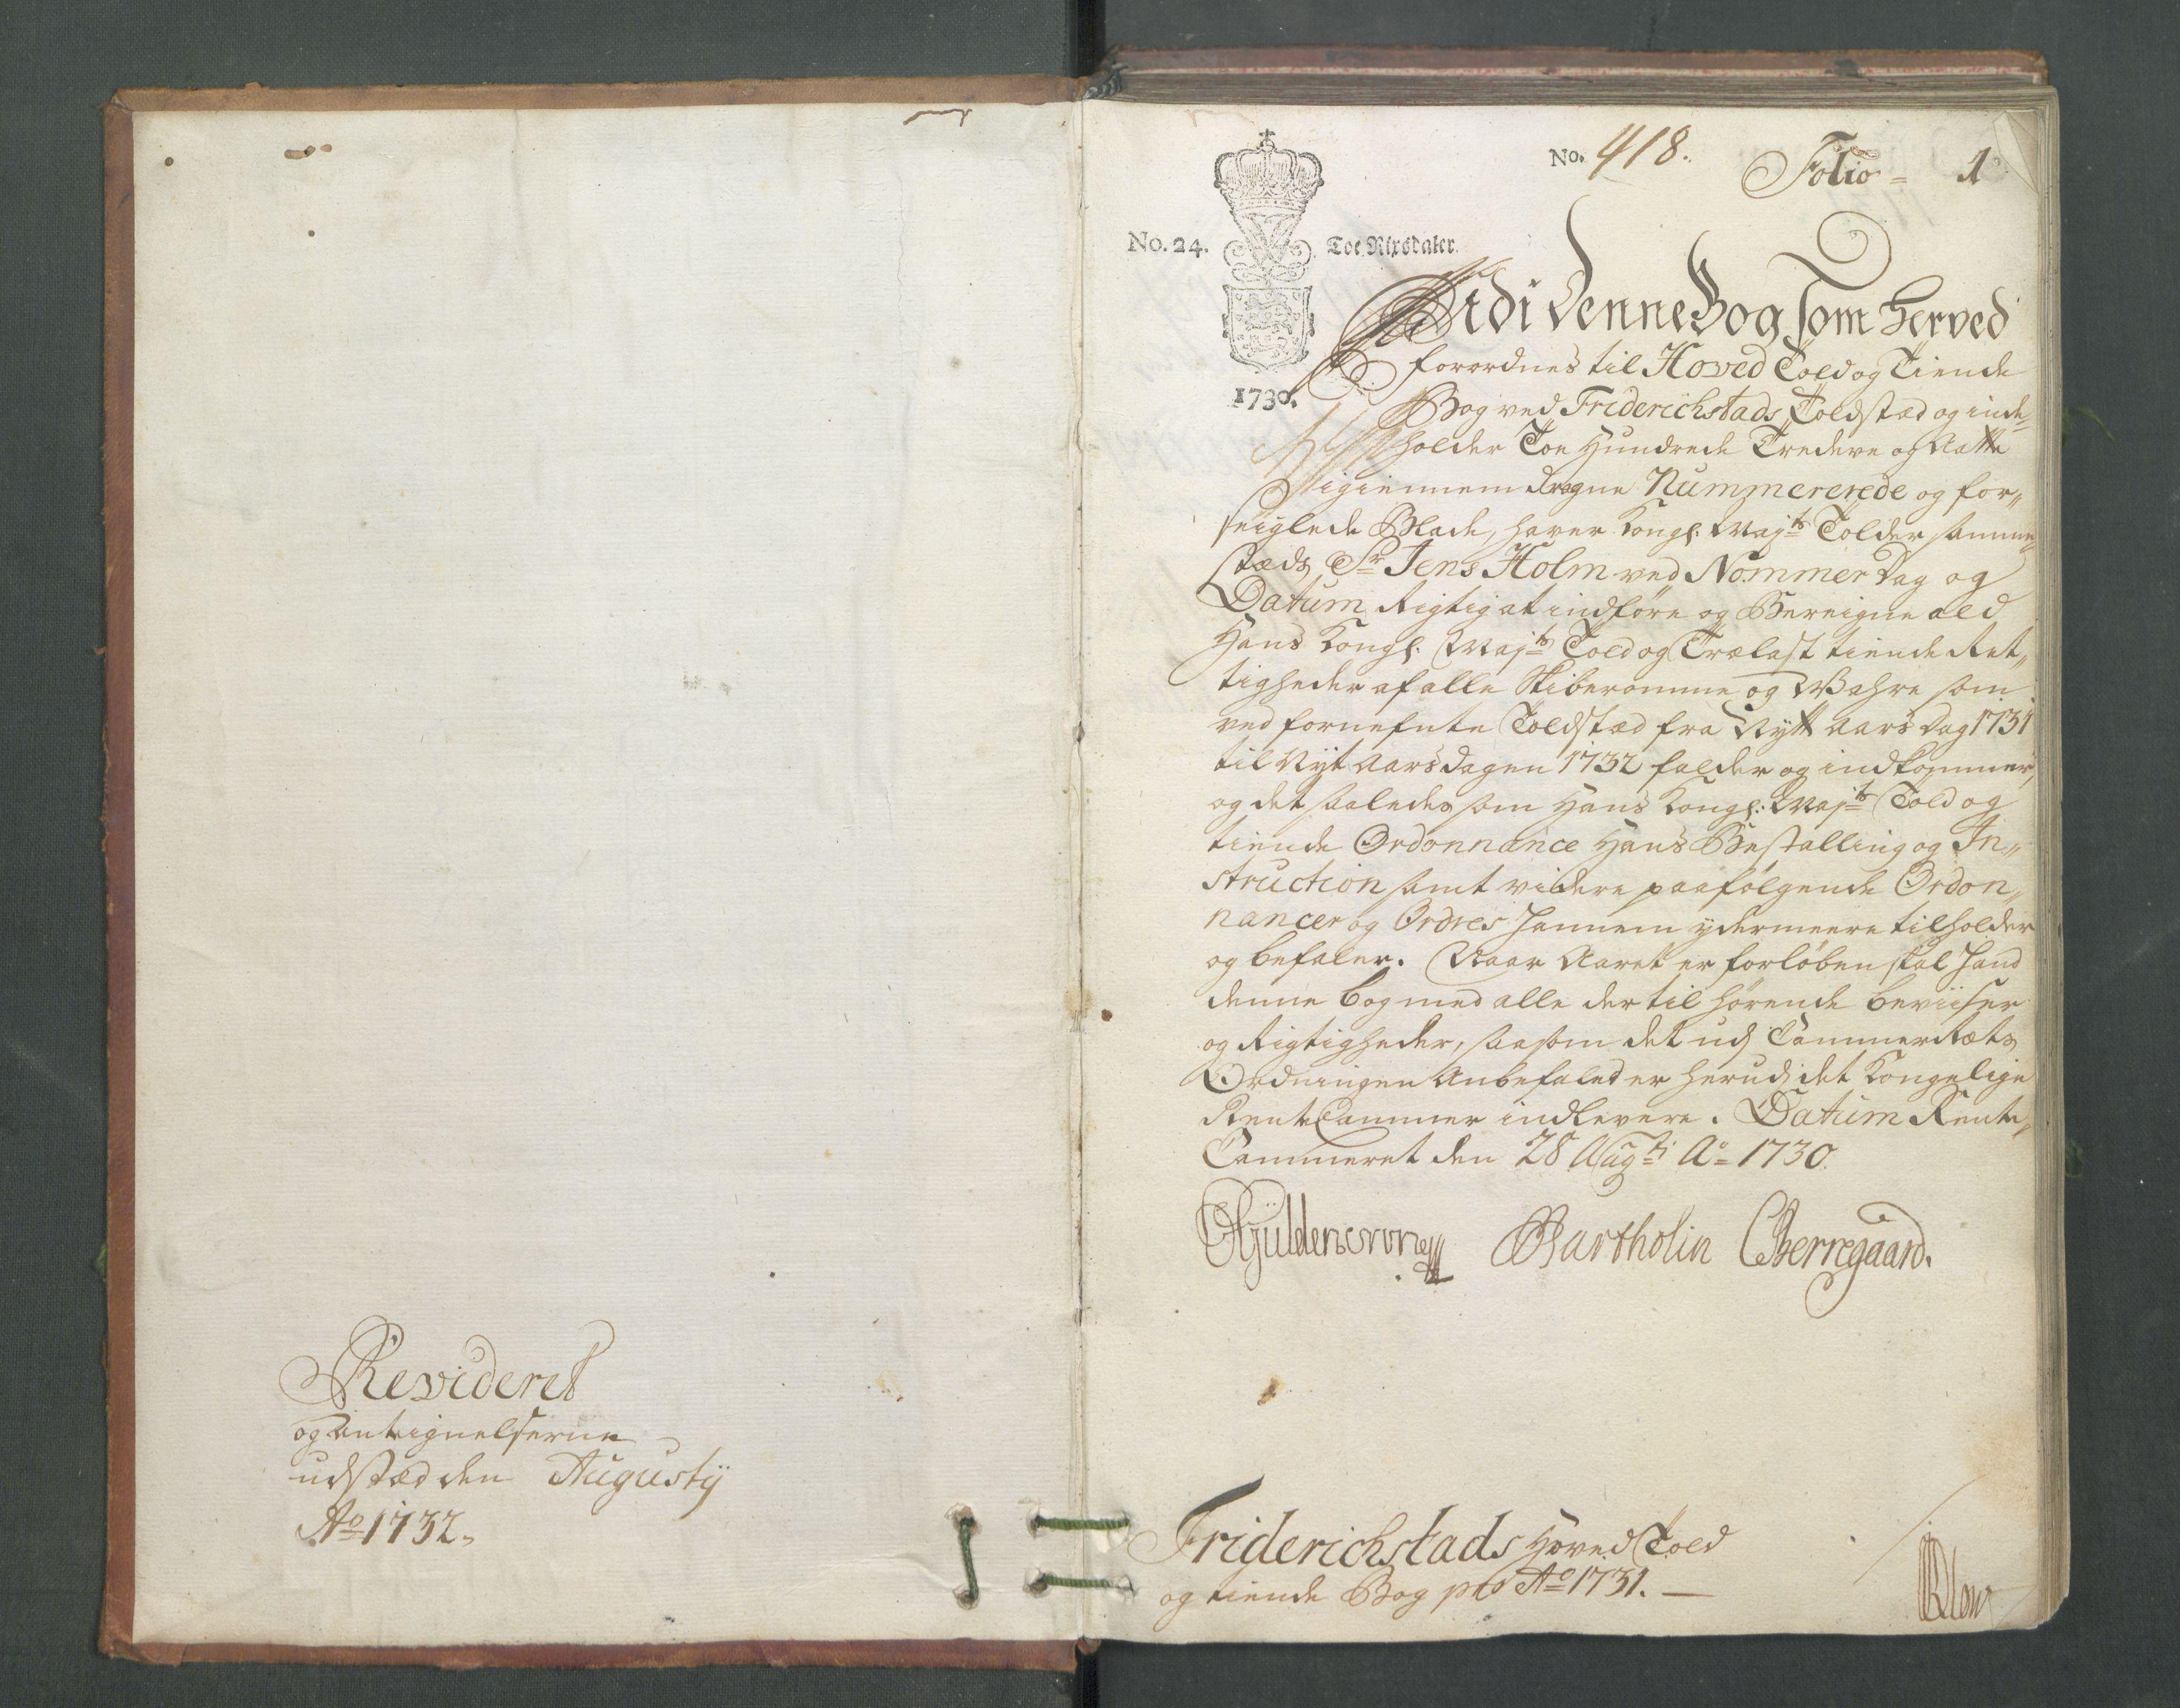 RA, Generaltollkammeret, tollregnskaper, R02/L0006: Tollregnskaper Fredrikstad, 1731, s. 1